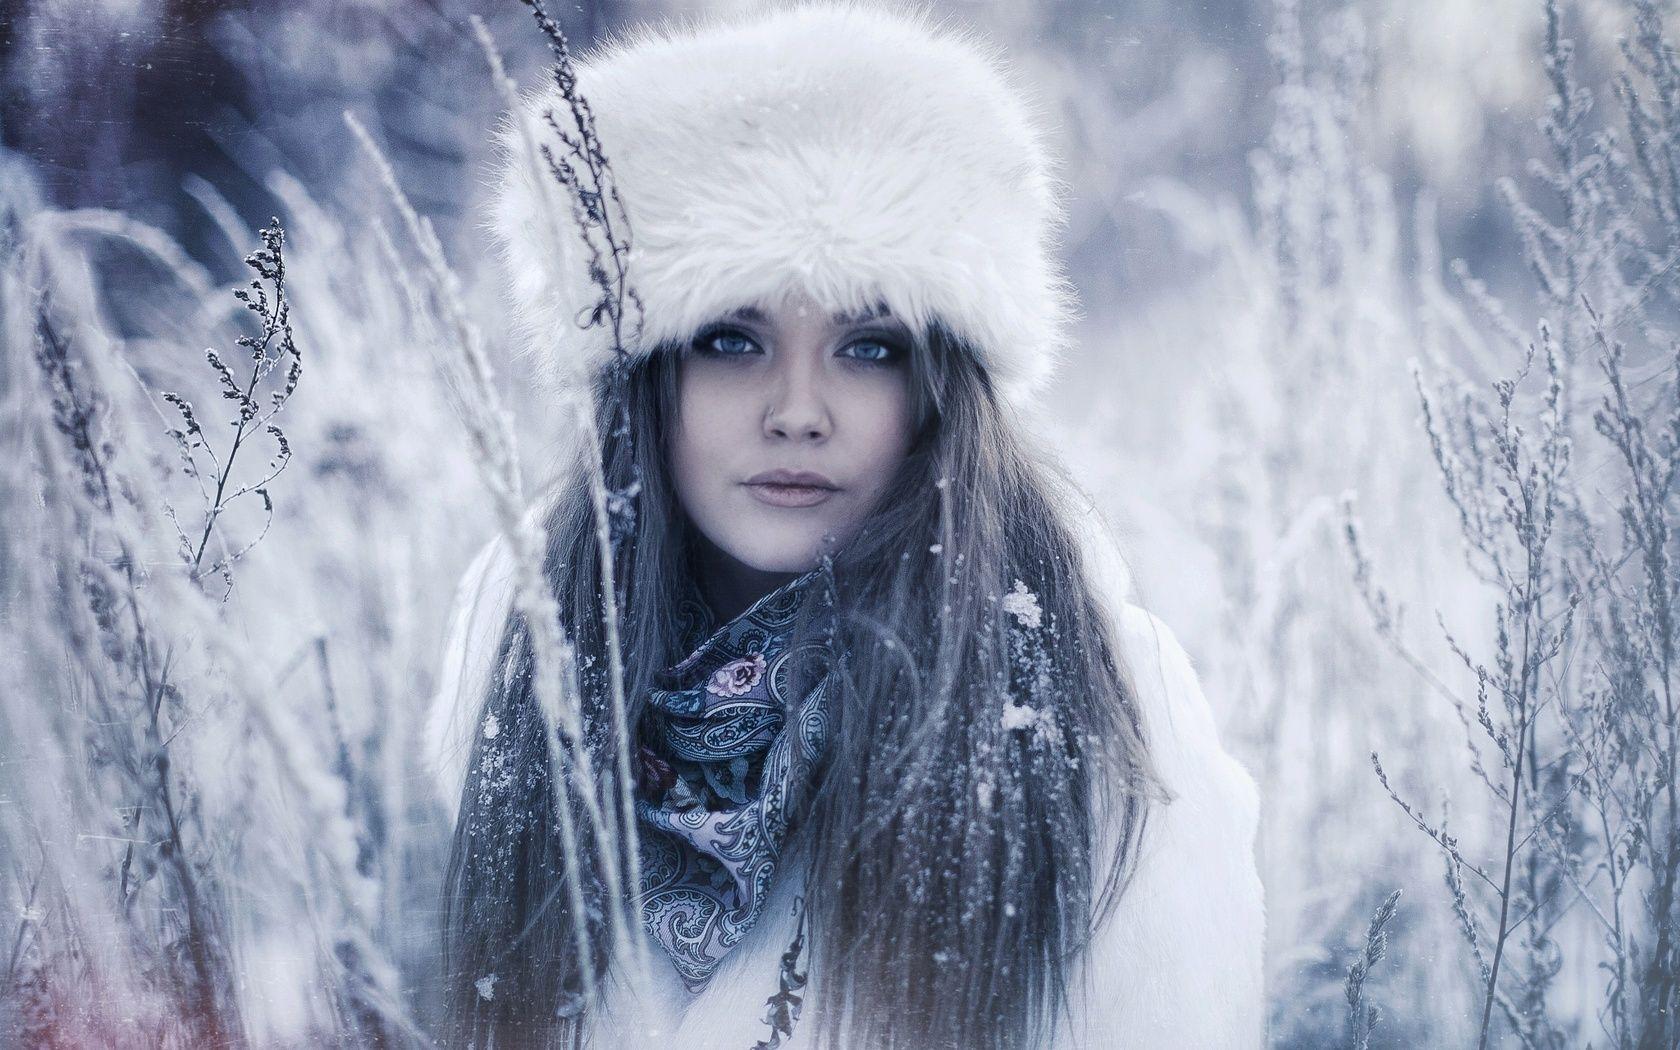 Картинки девушки в образе зимы